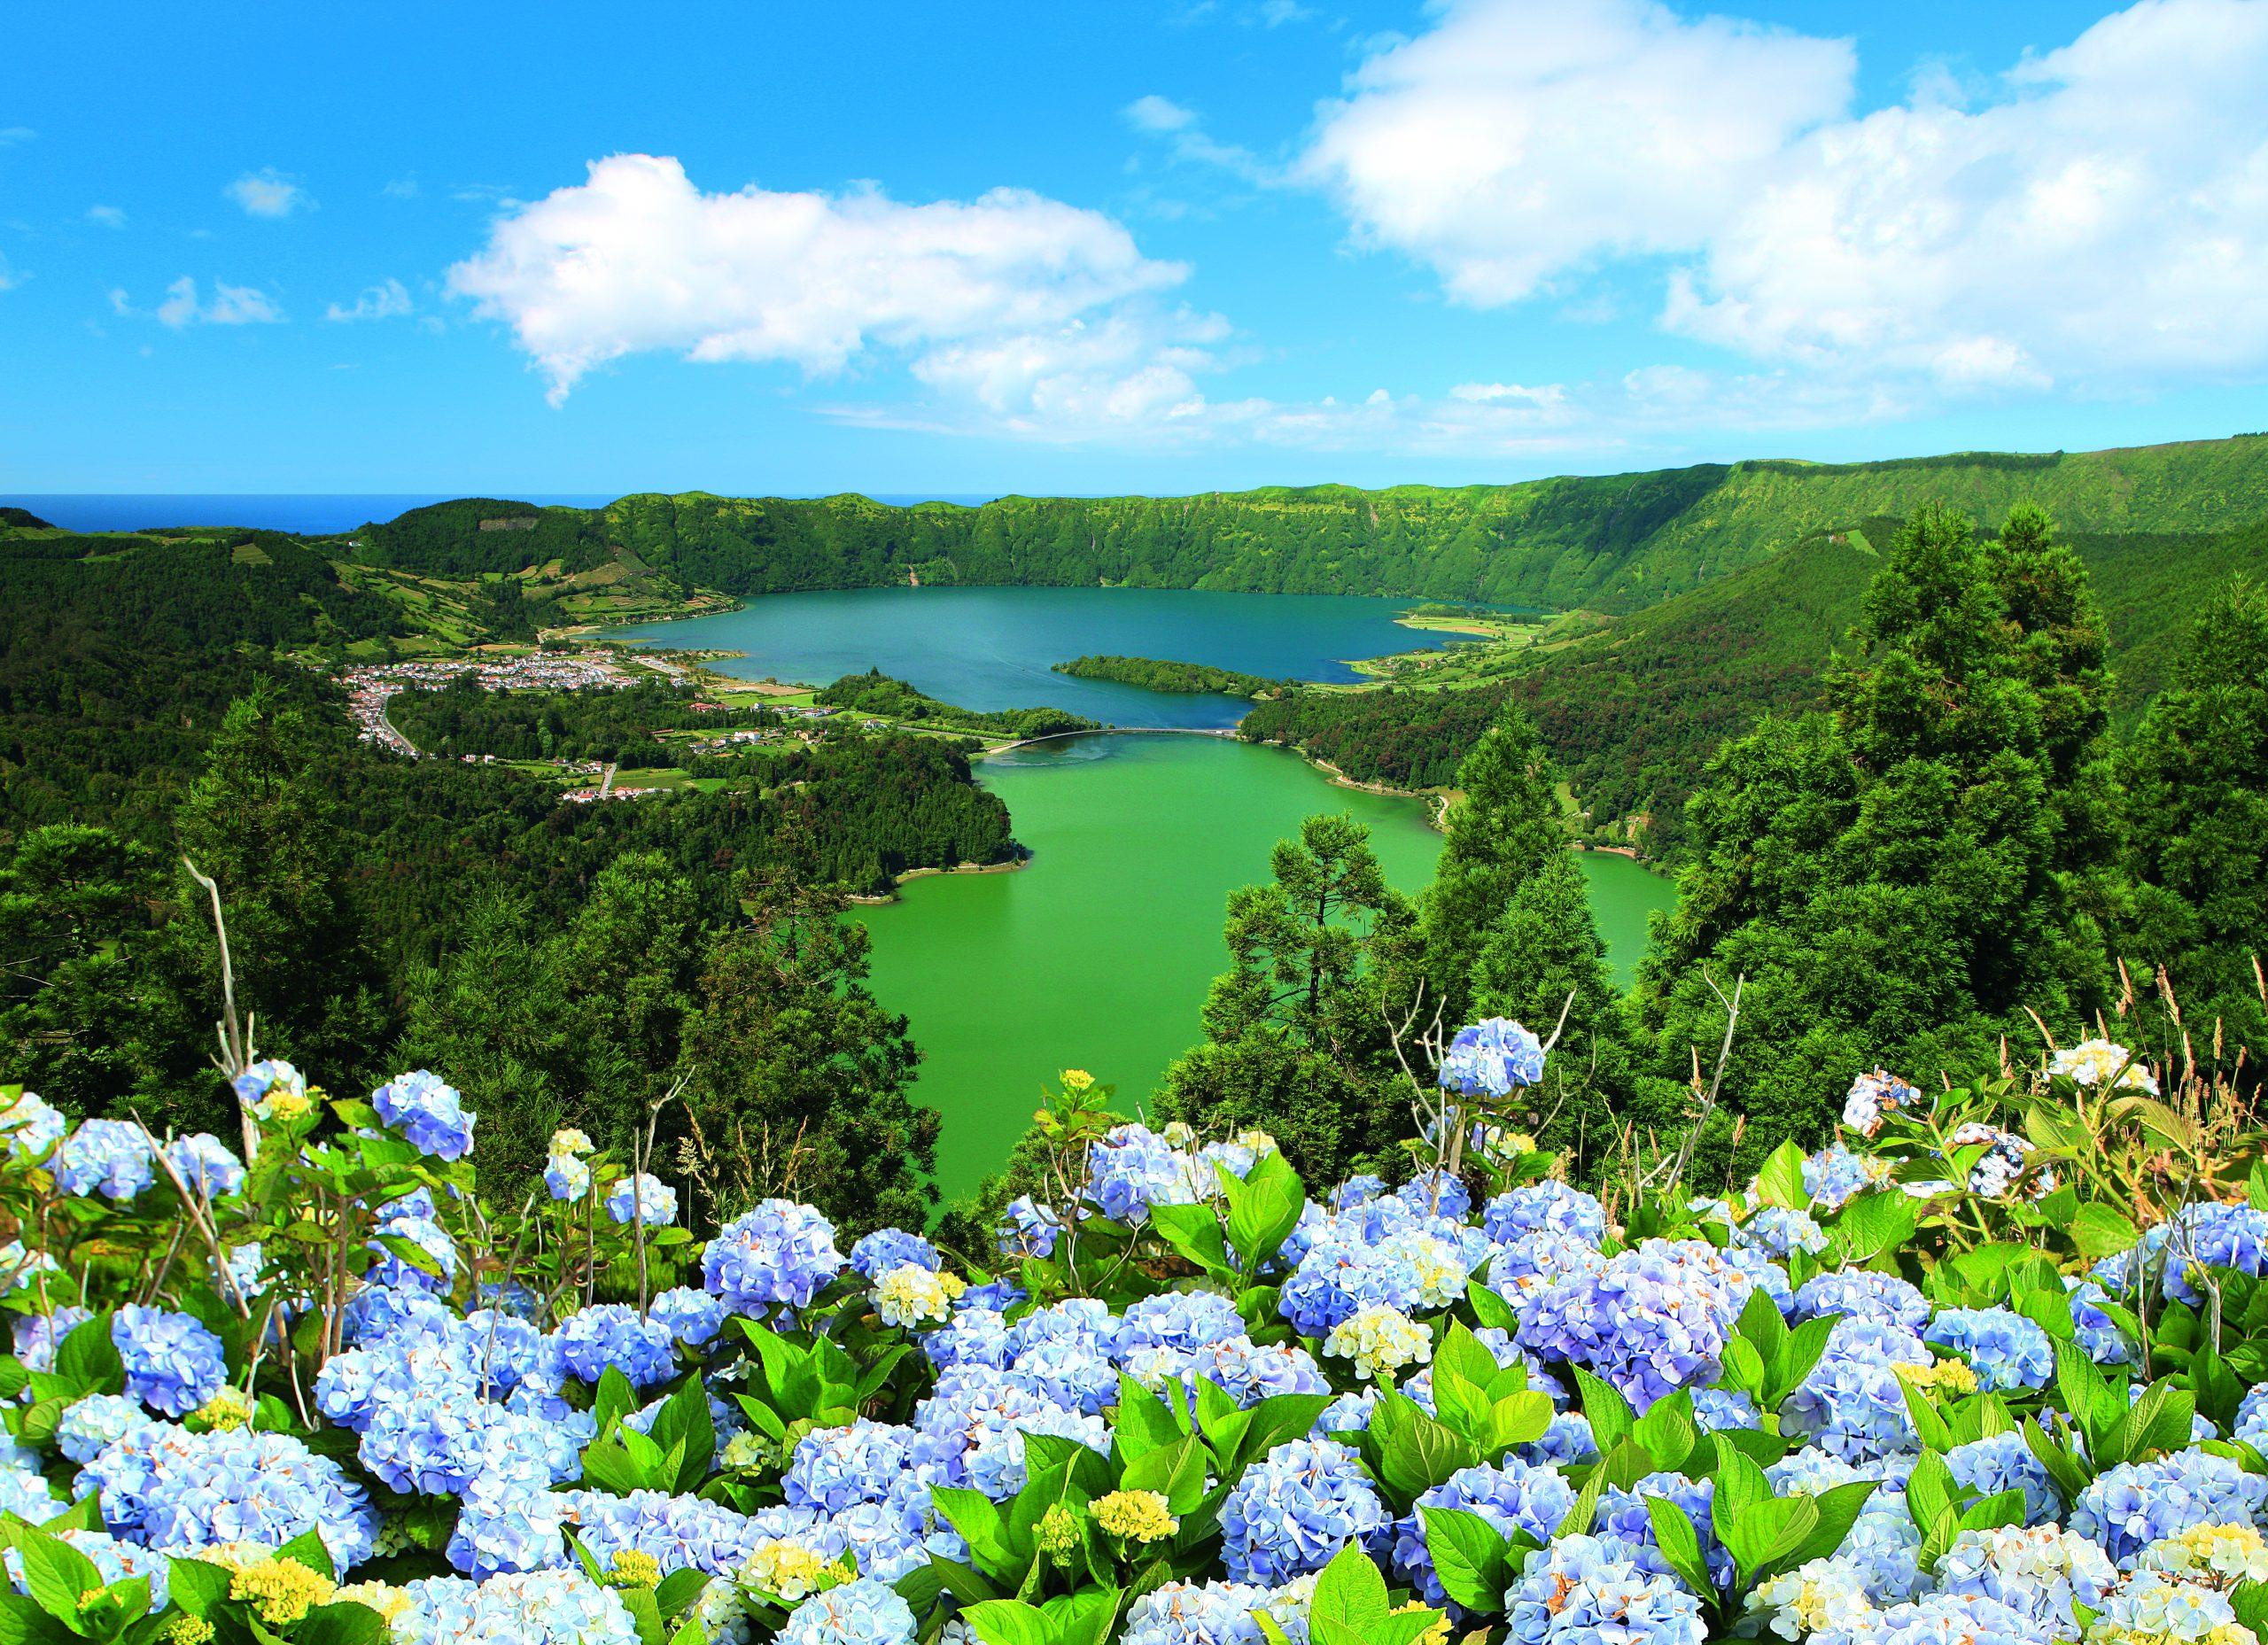 Den portugisiske øgruppe Azorerne bliver igen grøn i de danske rejsevejledninger. Foto Azores Tourism via Portugals Turistbureau (Turismo de Portugal)